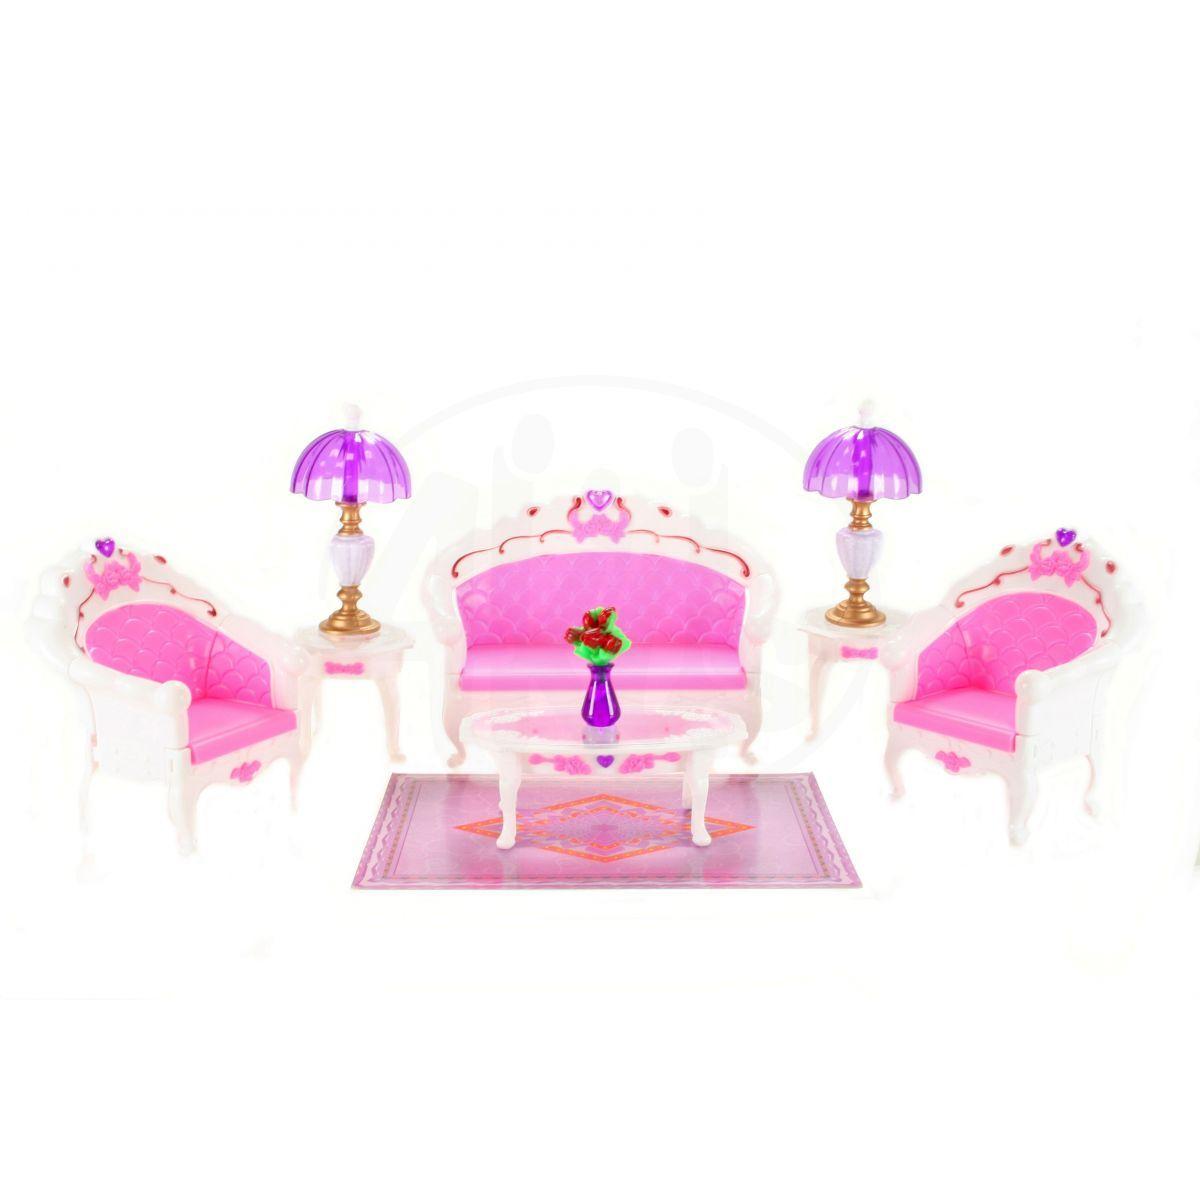 Glorie Sedací souprava s lampičkami pro panenky